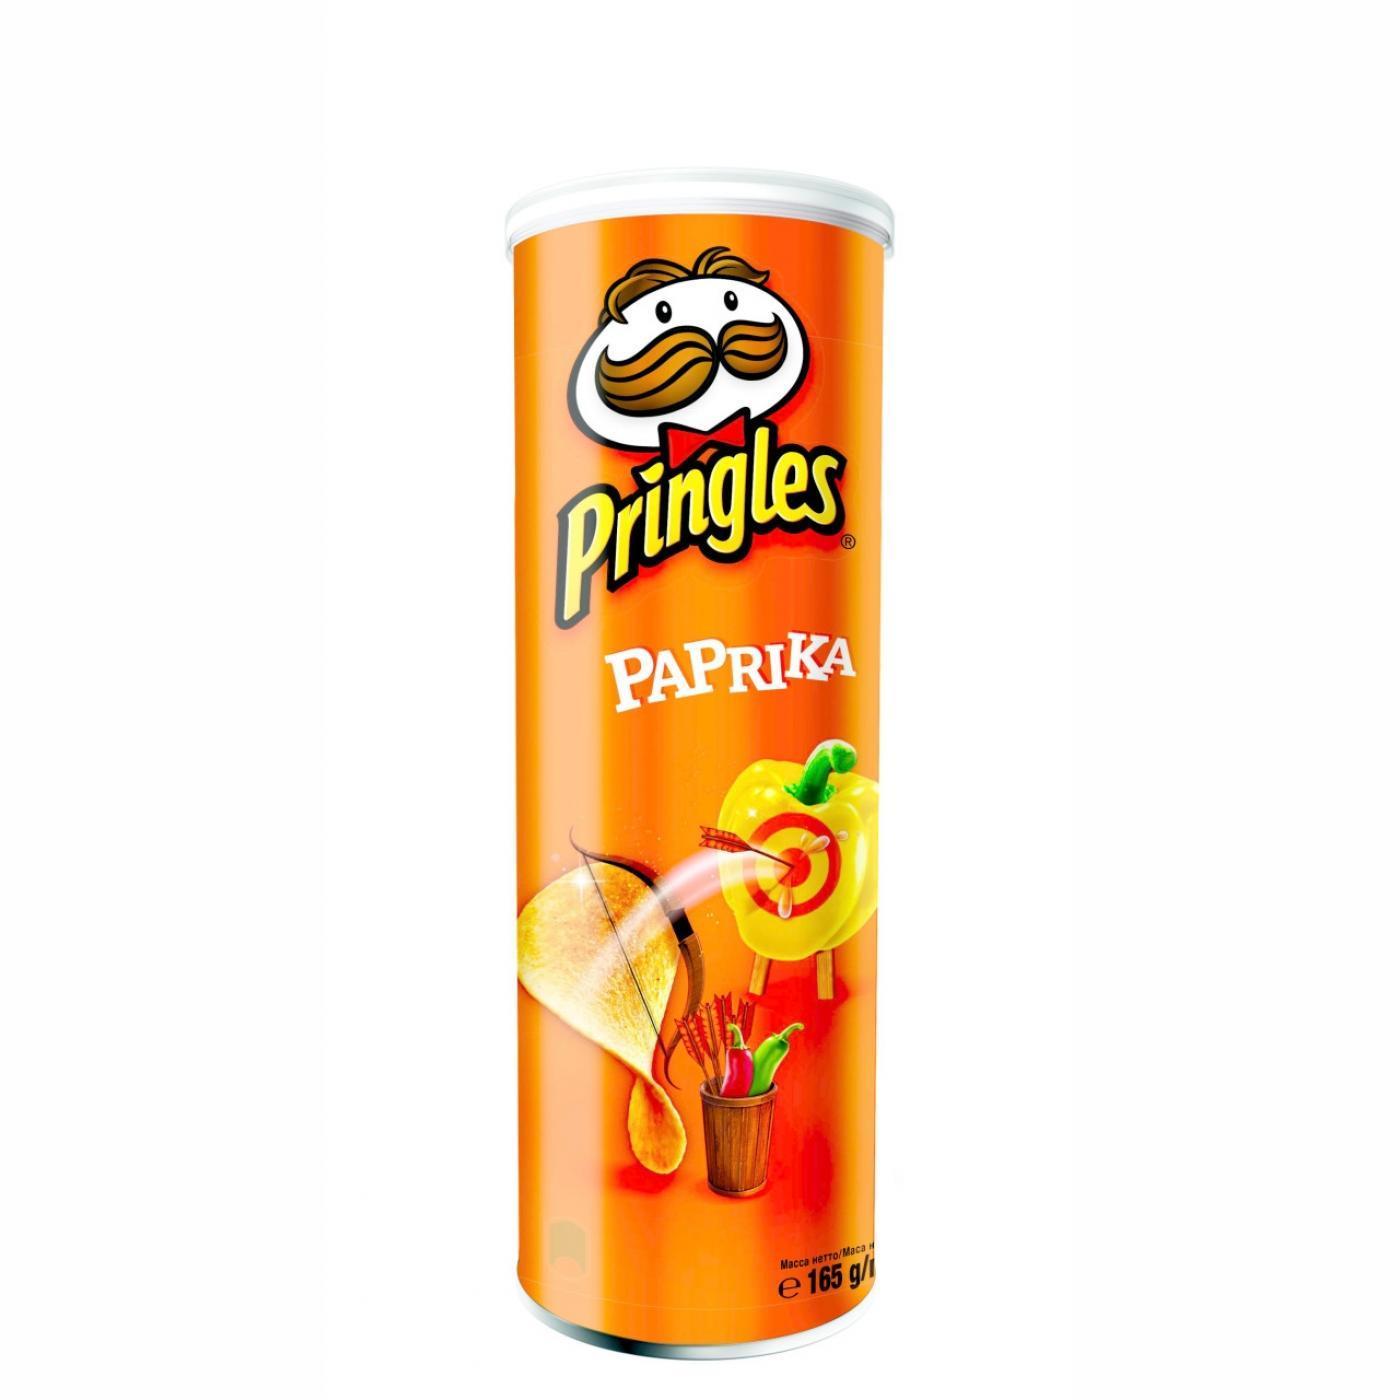 PRINGLES 165GR PAPRİKA